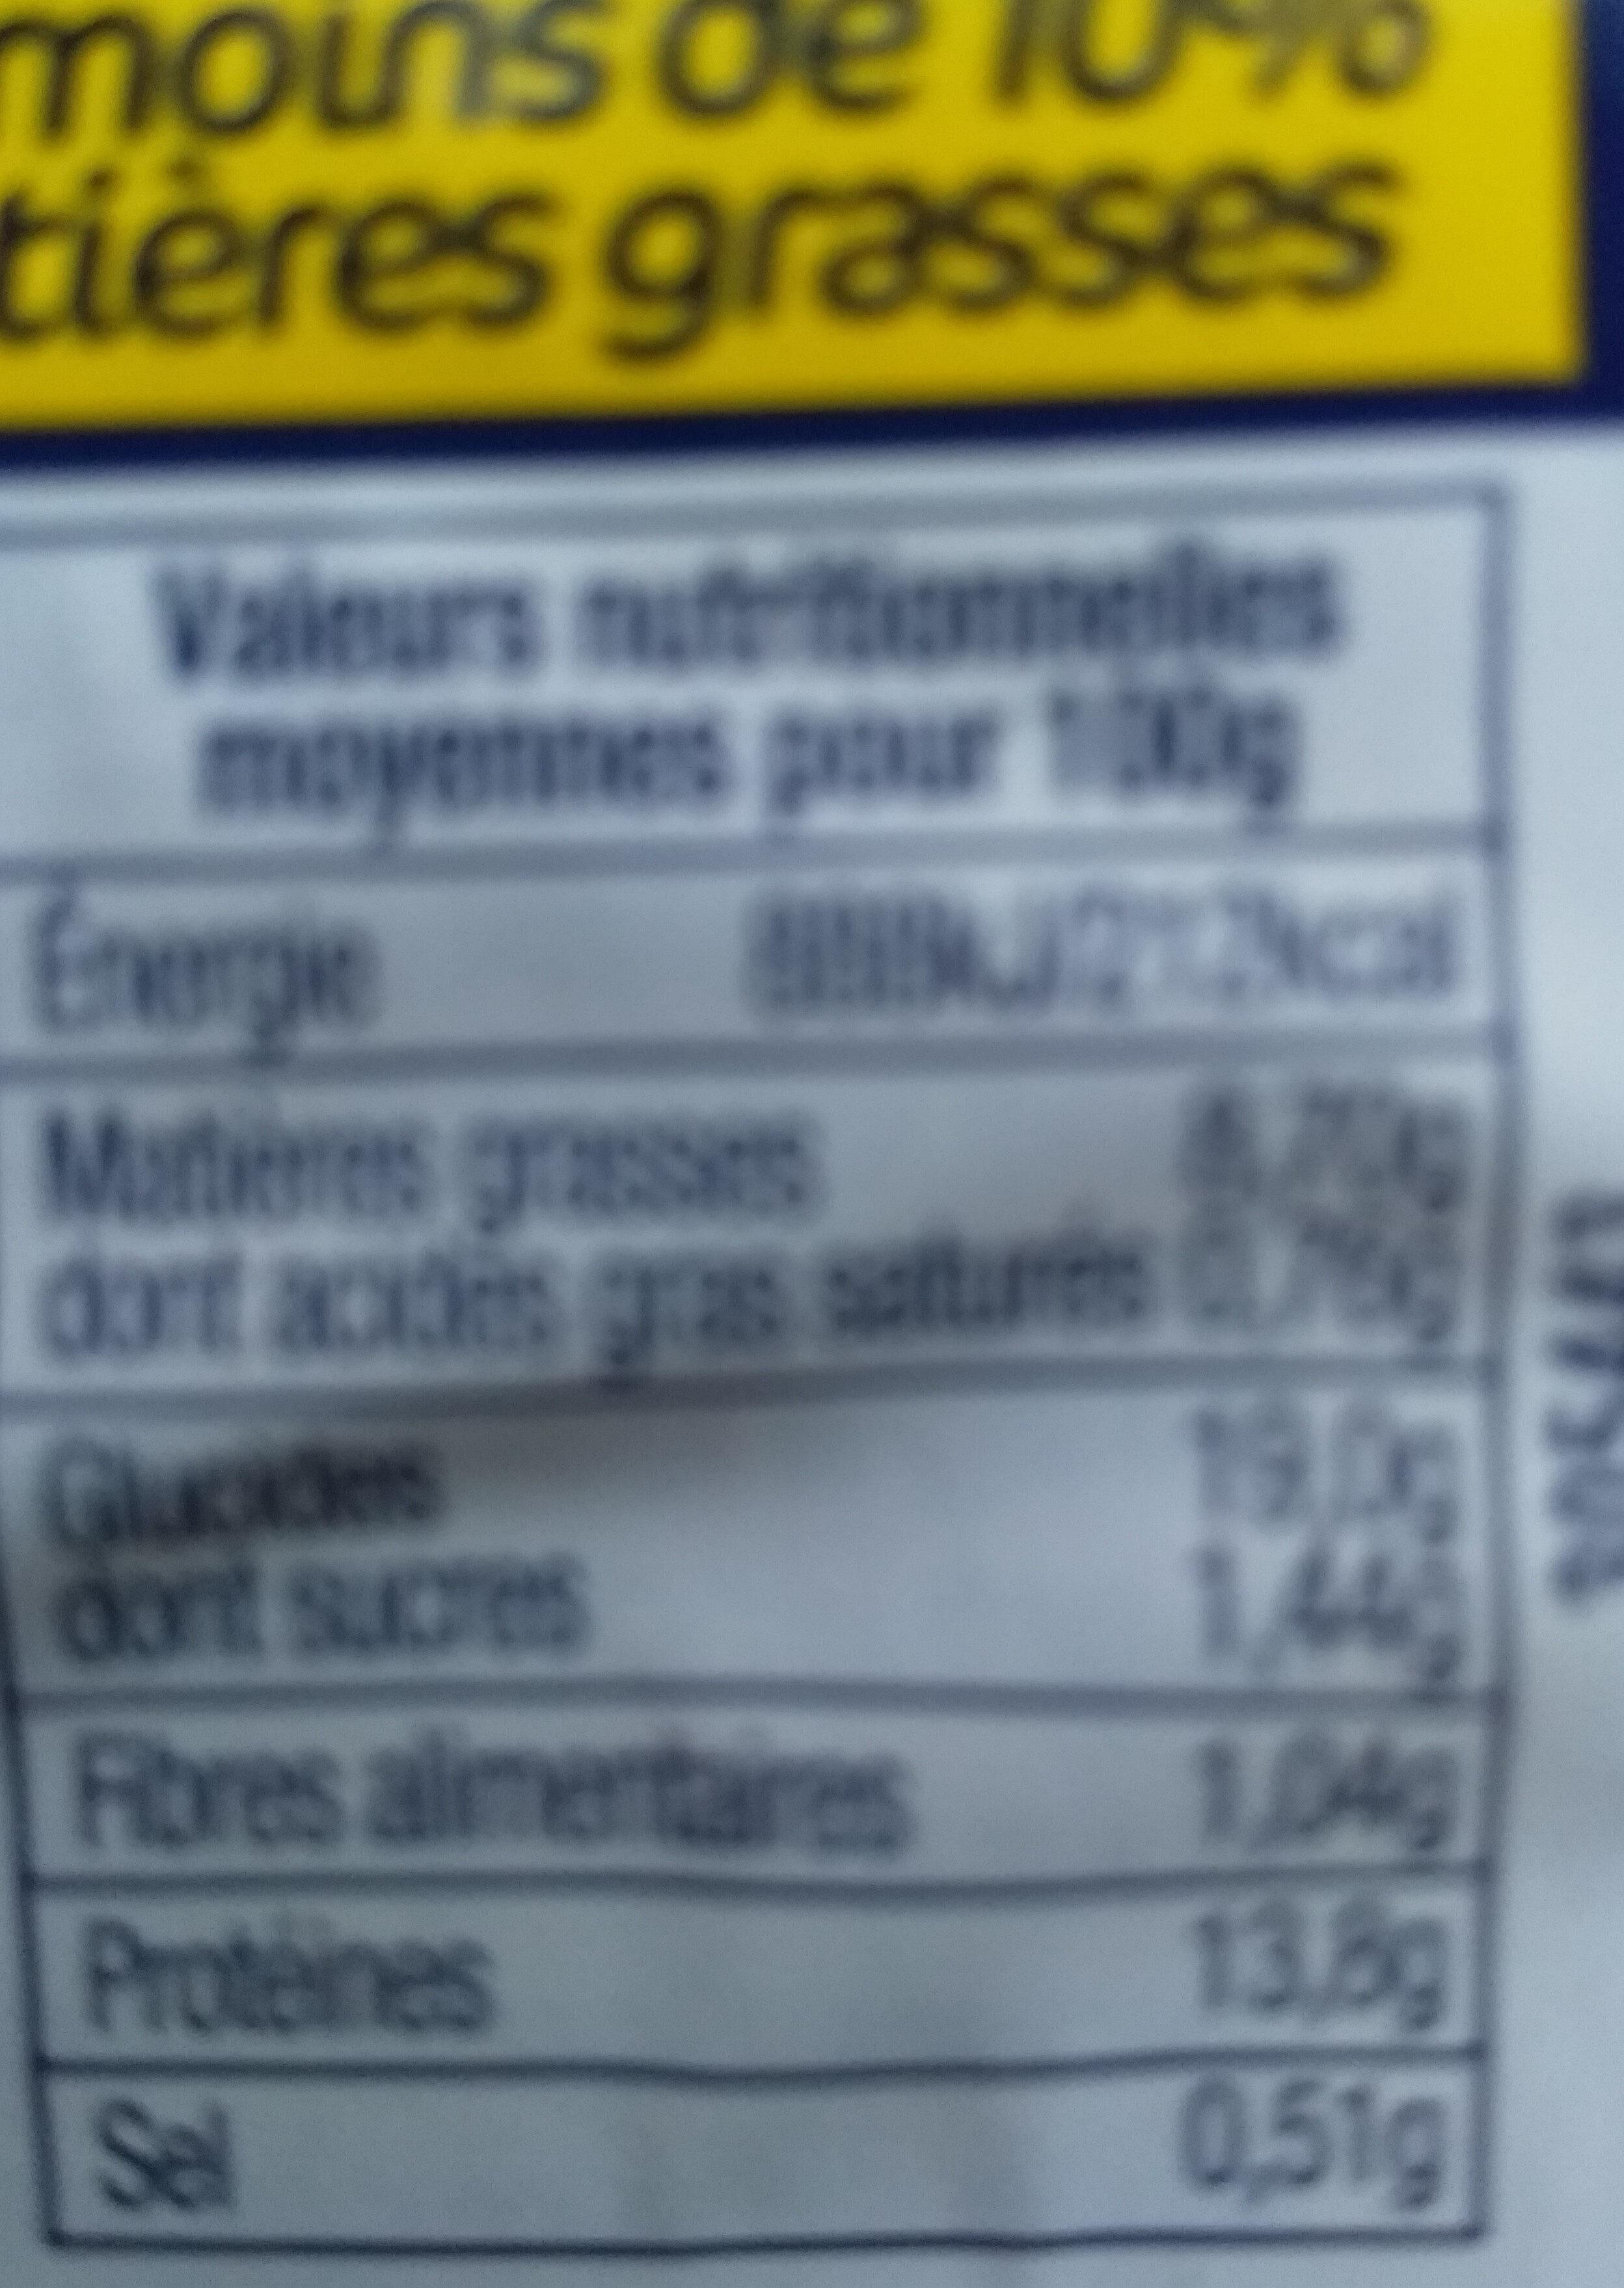 Filet de Cabillaud Pané - Informations nutritionnelles - fr